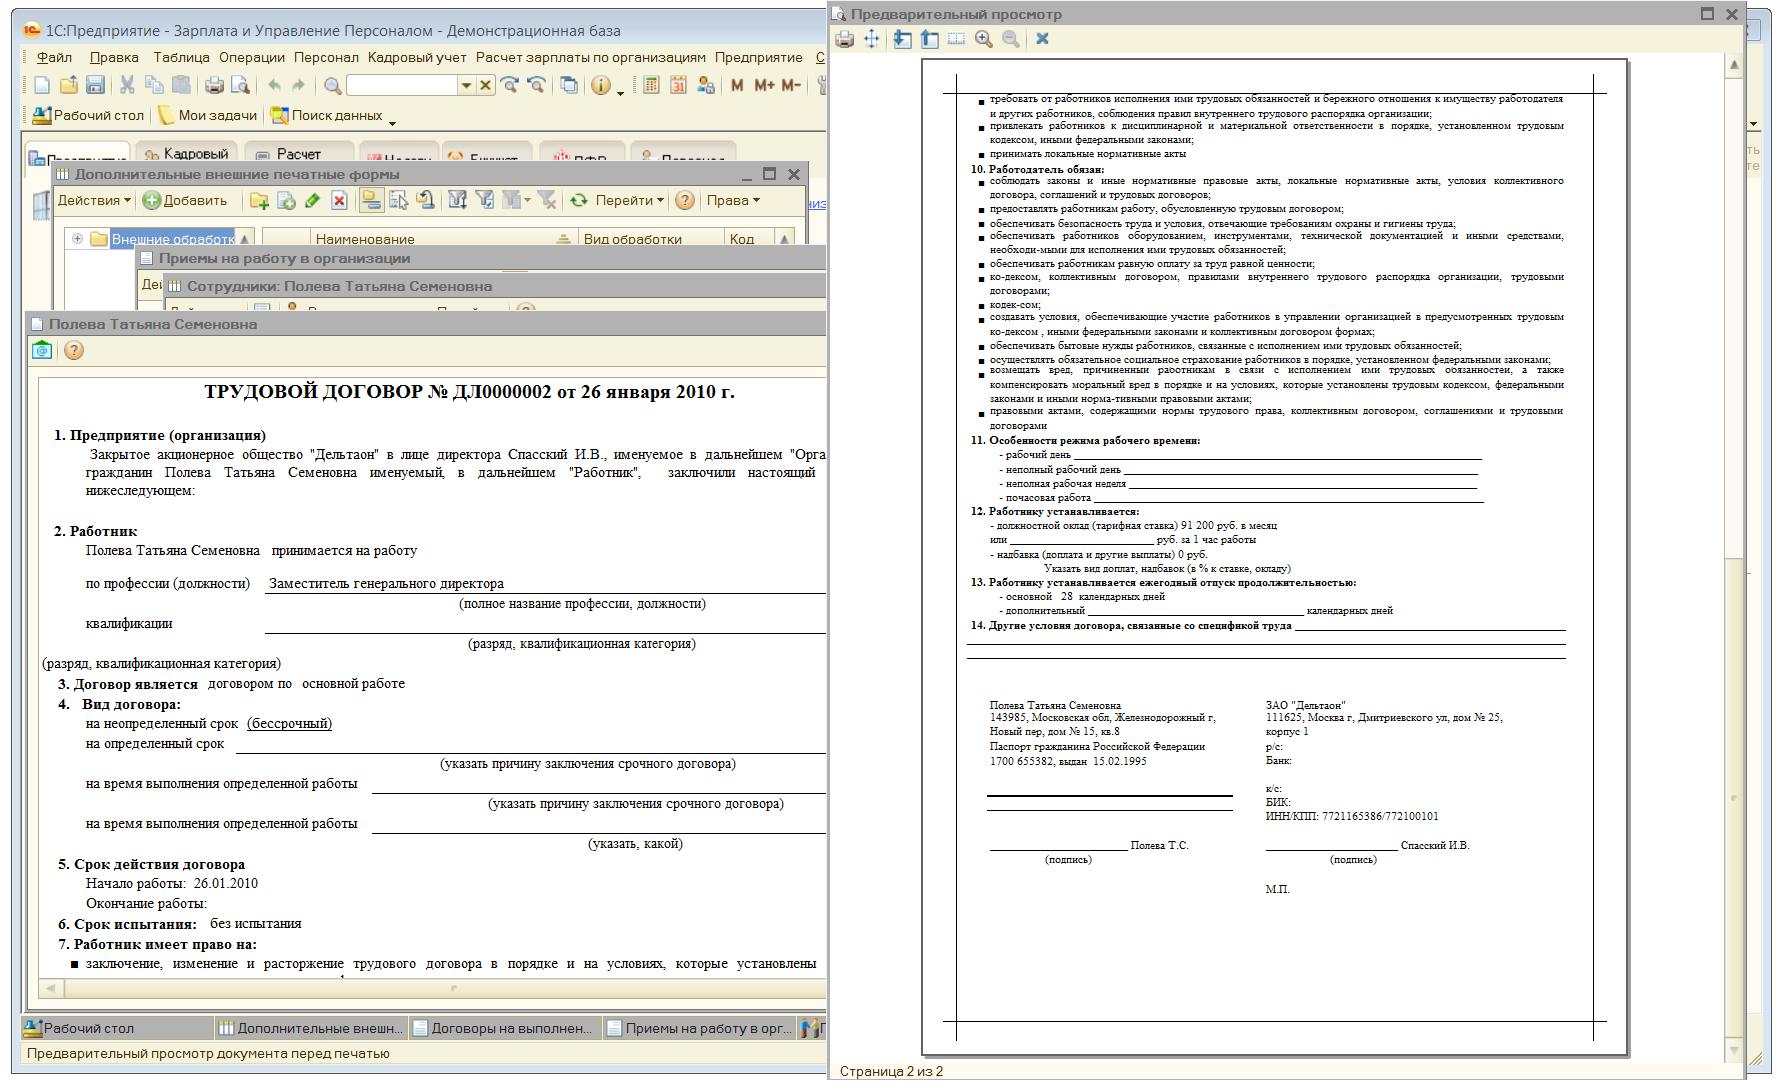 Трудовой договор для ЗУП 2.5 (Внешняя печатная форма)